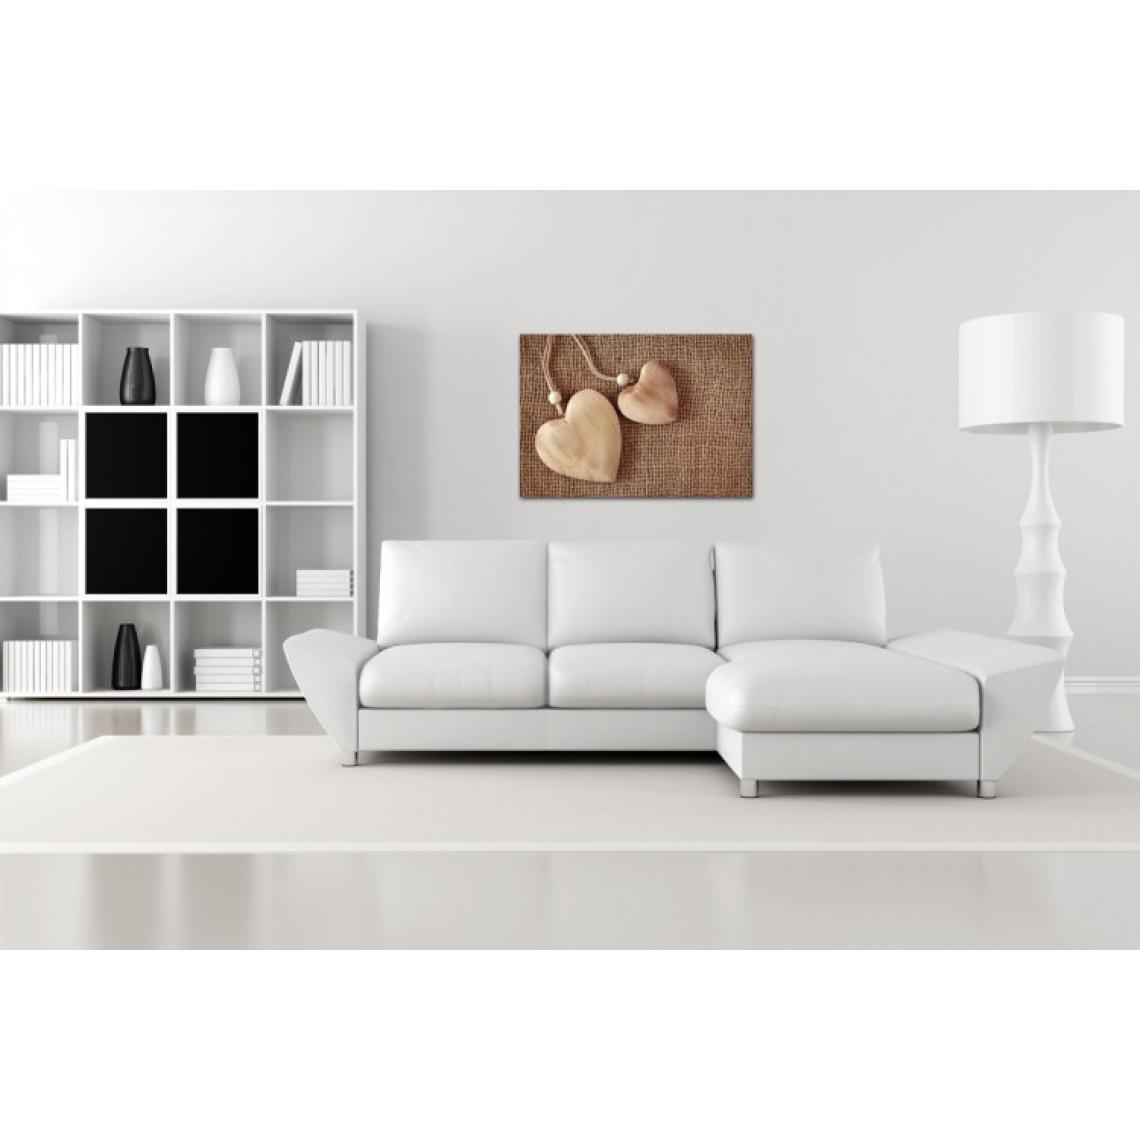 Canapé En Toile De Jute tableau romantique coeur en toile de jute l.80 x h.55 cm 80x55 plus de  détails